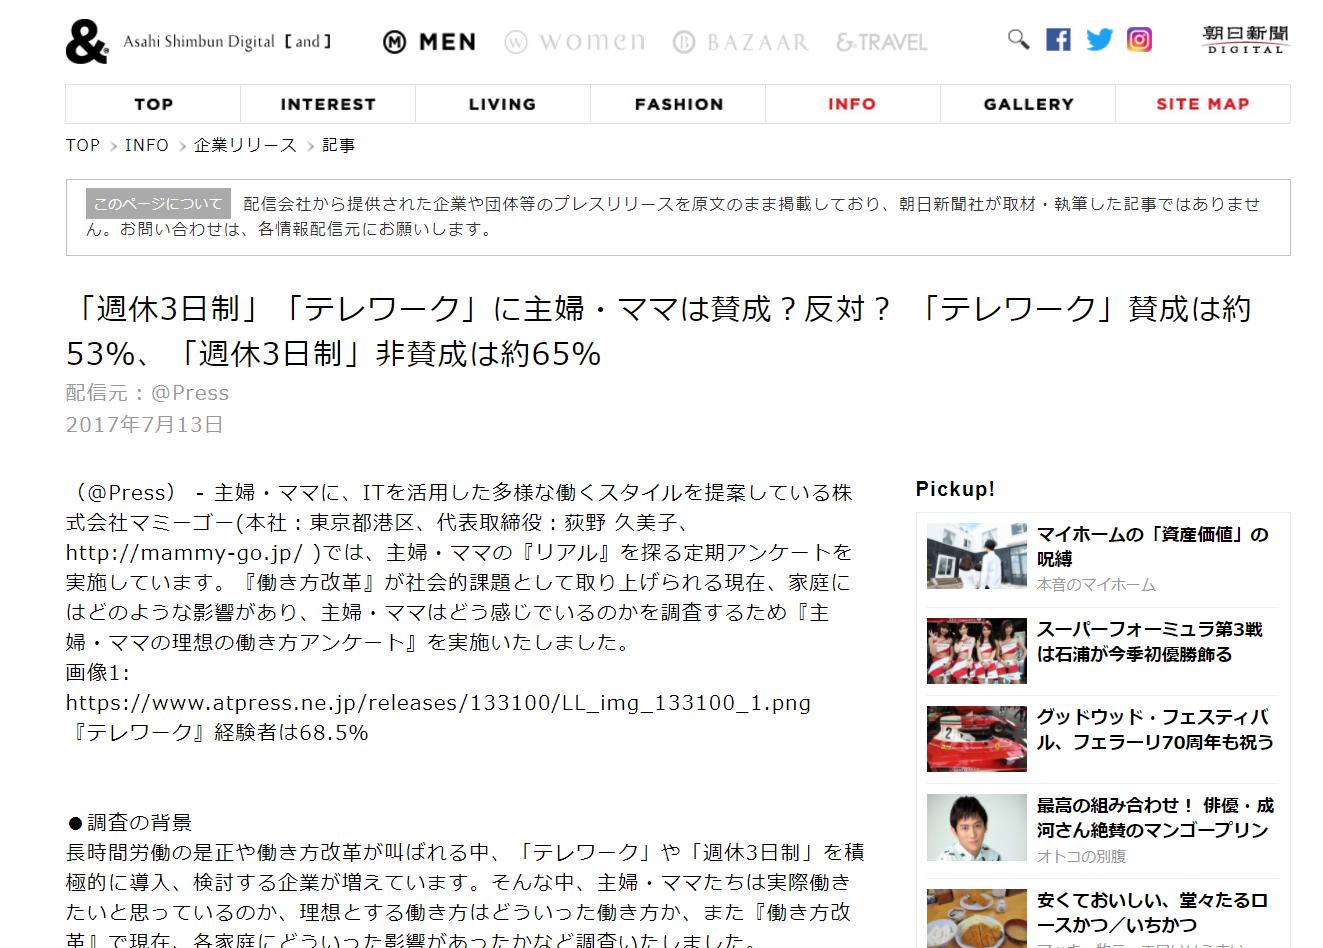 201707asahi.com